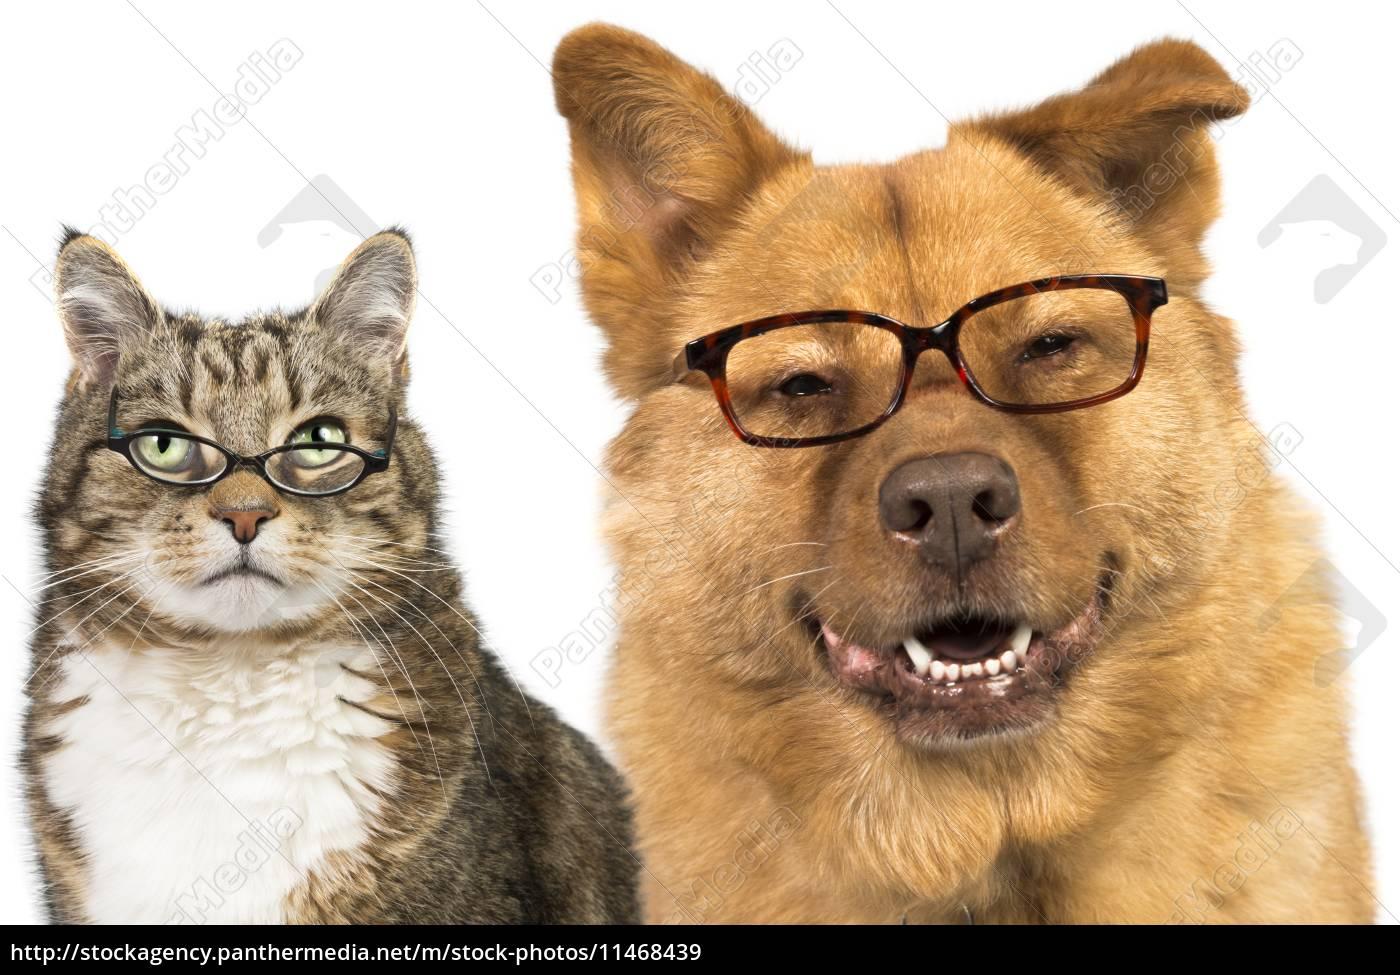 Tolle Katze Rahmen Brillen Galerie - Benutzerdefinierte Bilderrahmen ...